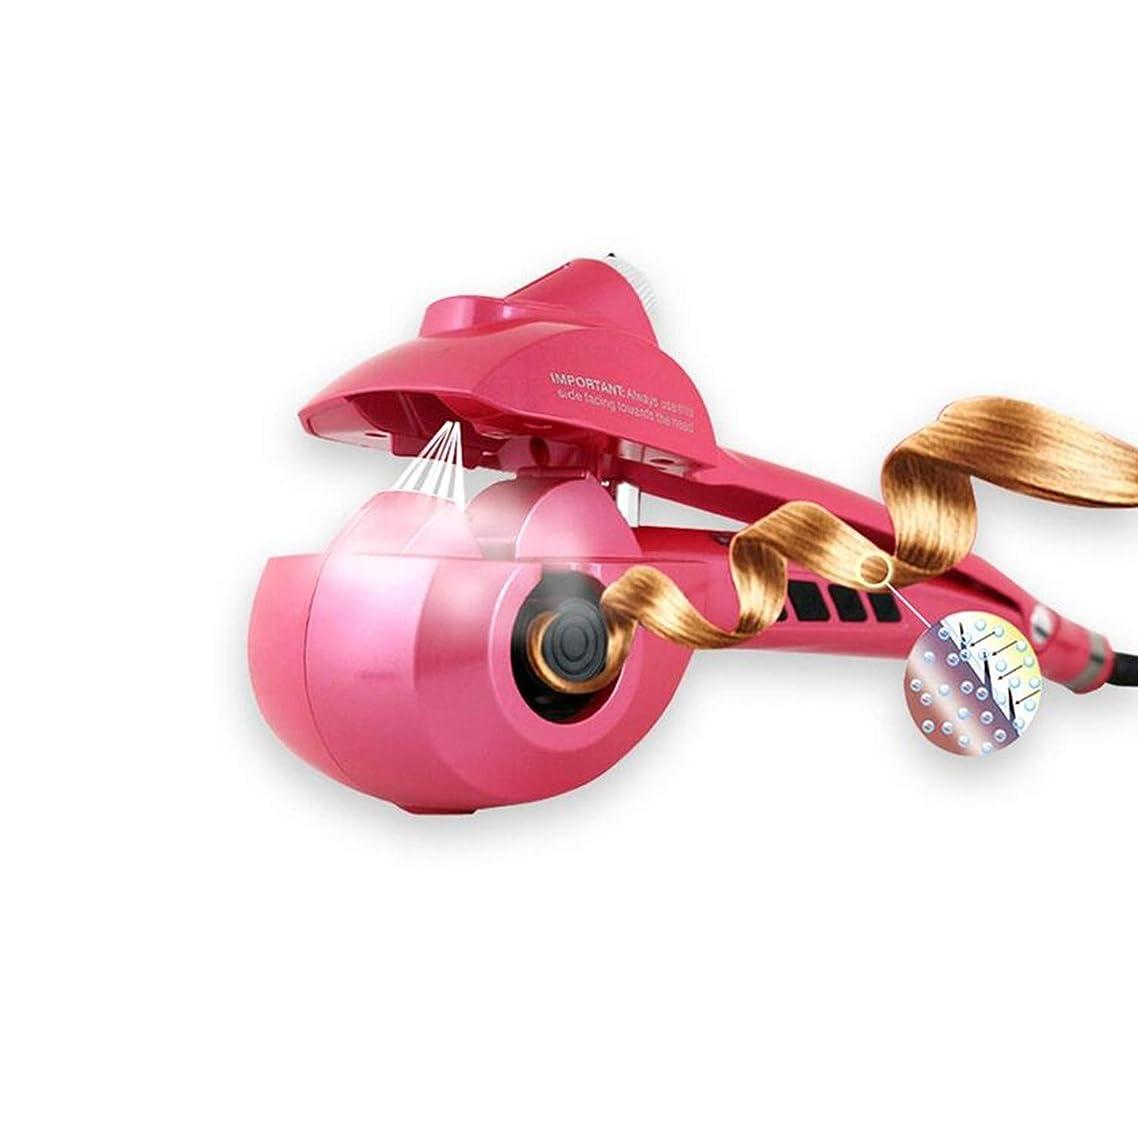 姿勢囲まれたビームカールアイロン 自動蒸気カールアイロン ヘアアイロン 自動巻き髪 スチーム機能 静電気防止 急速加熱 極上のツヤと潤いカール (ピンク)